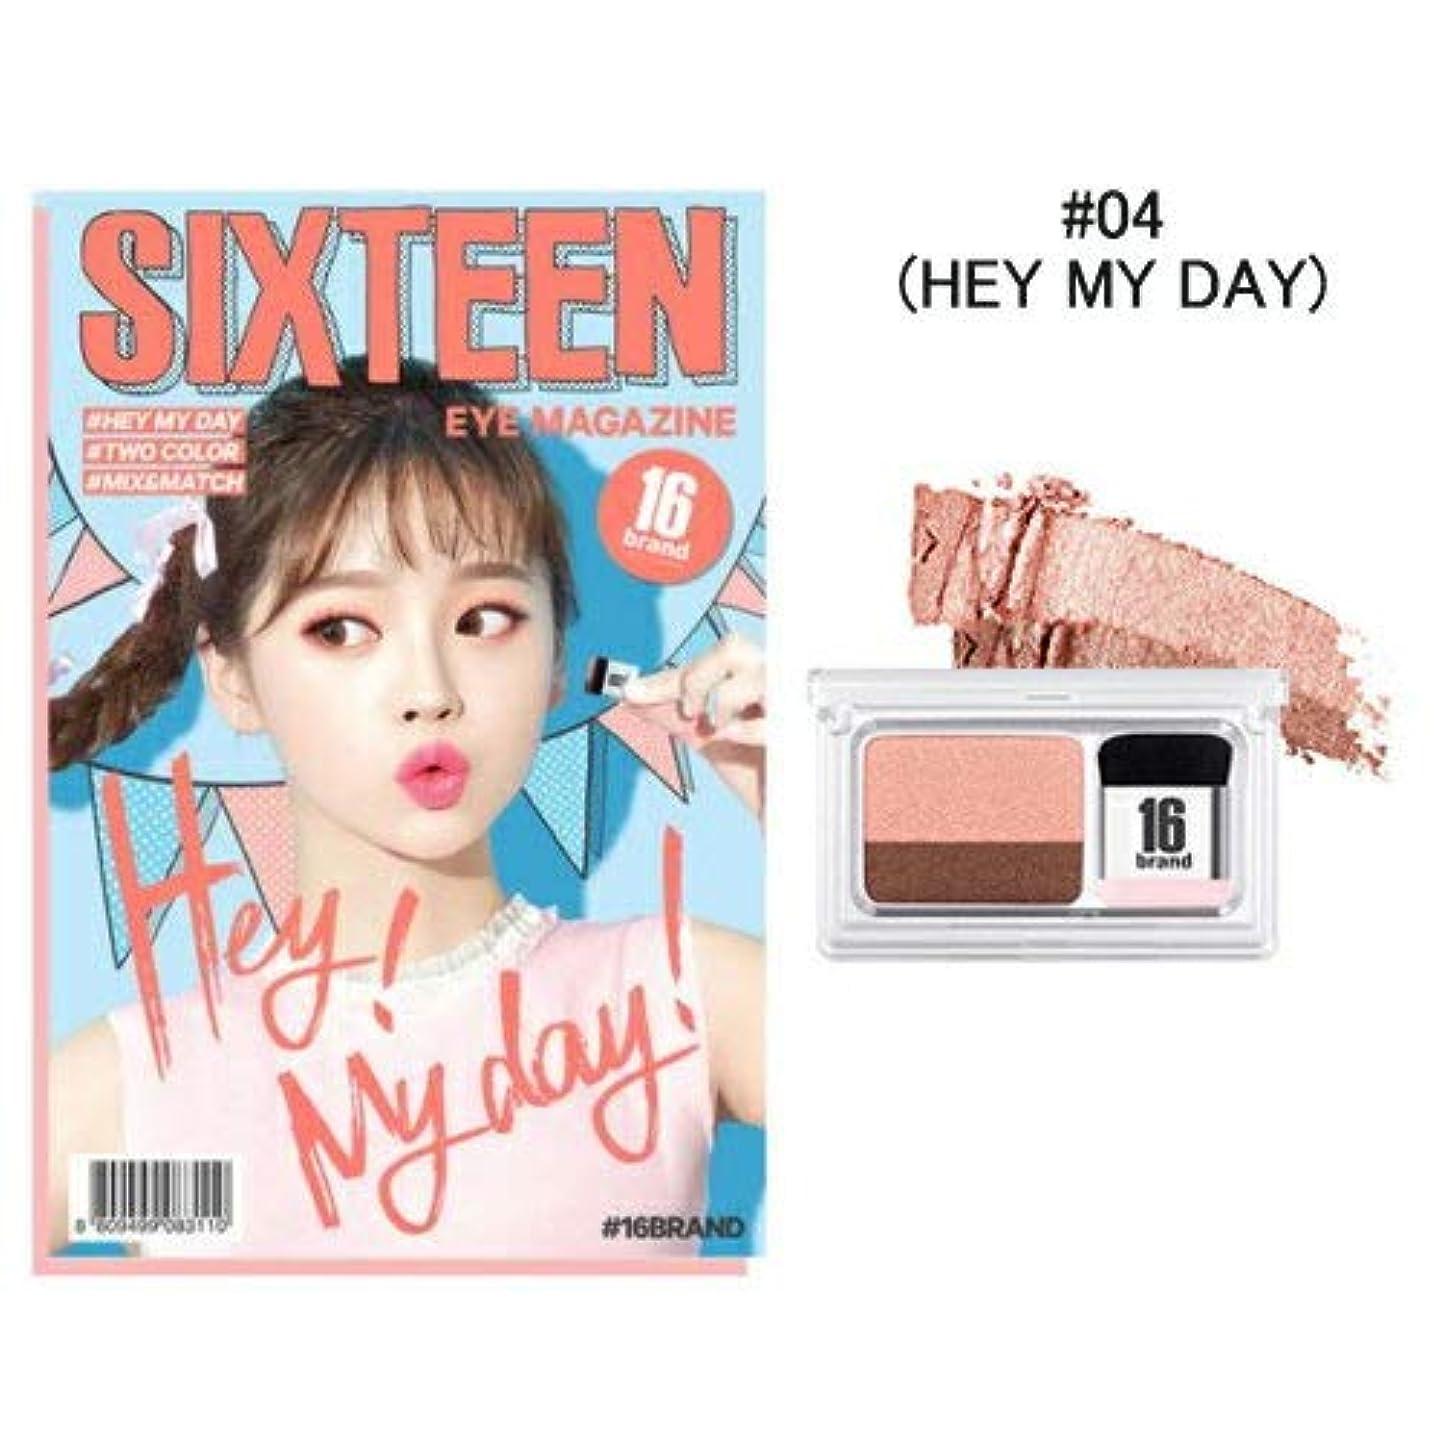 許さない単なる下線[New Color] 16brand Sixteen Eye Magazine 2g /16ブランド シックスティーン アイ マガジン 2g (#04 HEY MY DAY) [並行輸入品]